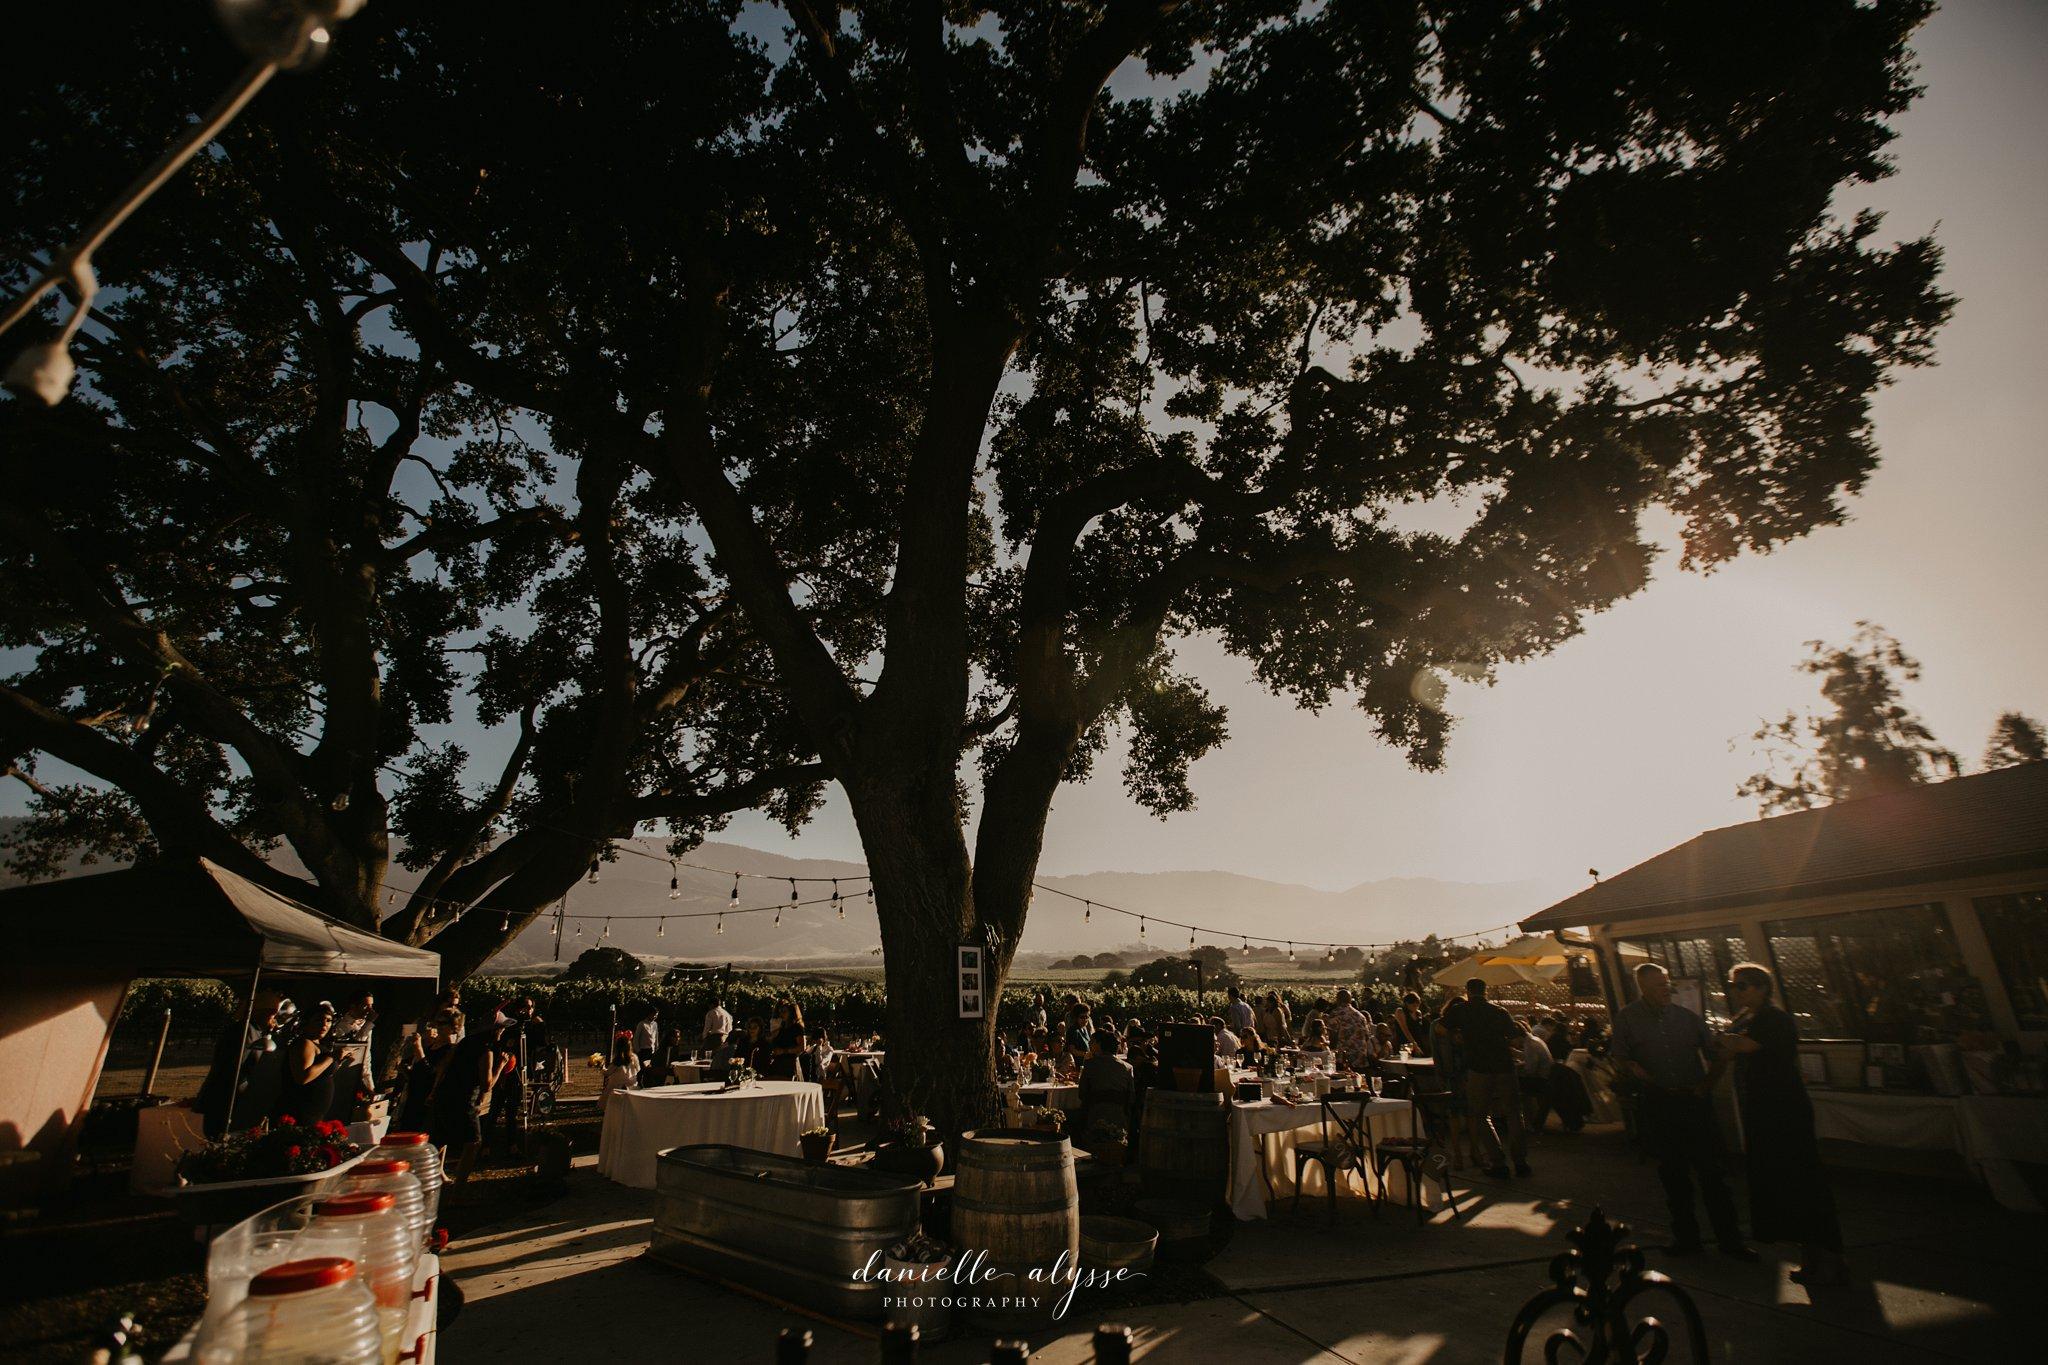 180630_wedding_lily_ryan_mission_soledad_california_danielle_alysse_photography_blog_946_WEB.jpg